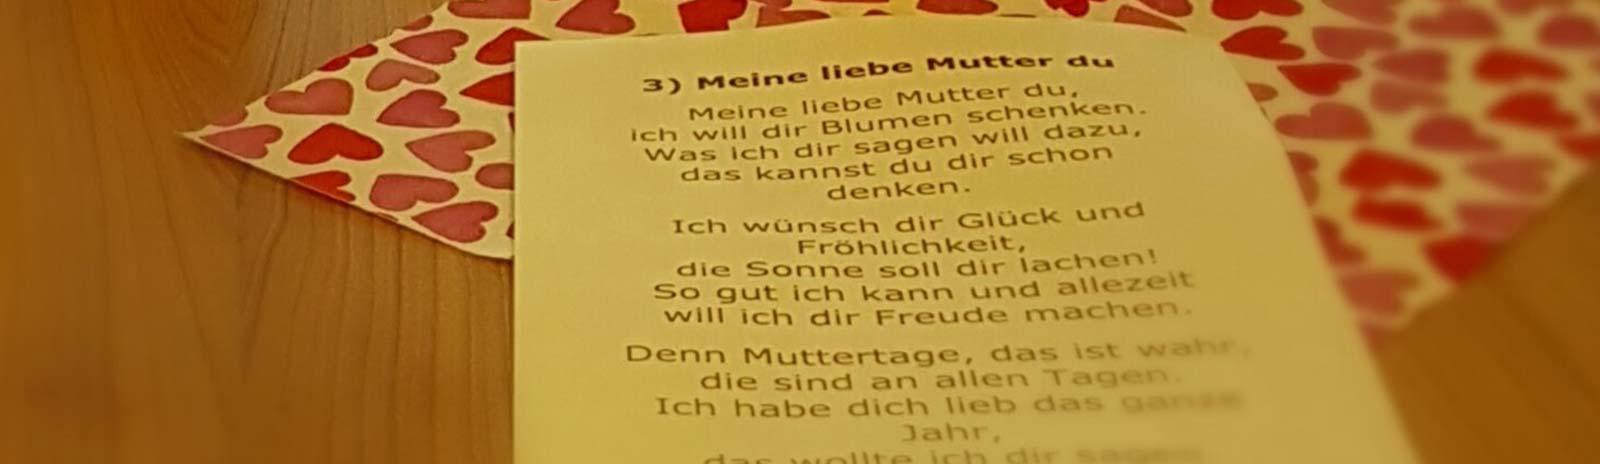 2019_05_15_Altenglan_Muttertag_slider